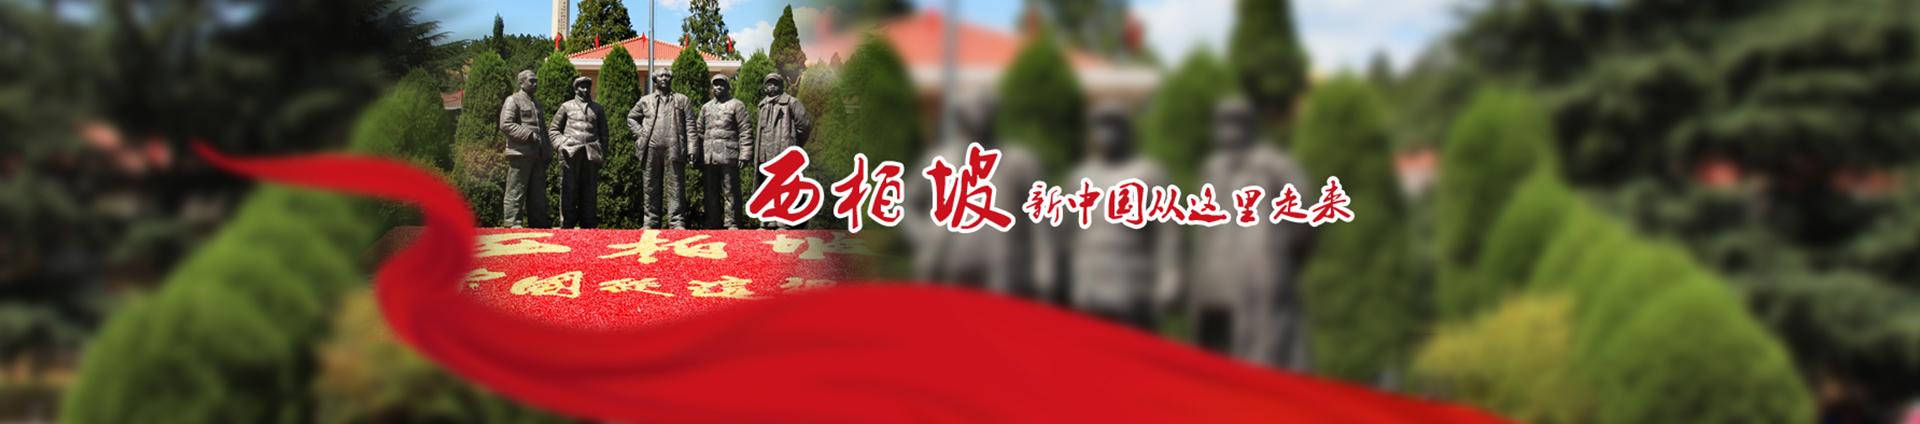 石家庄鸿训文化交流中心